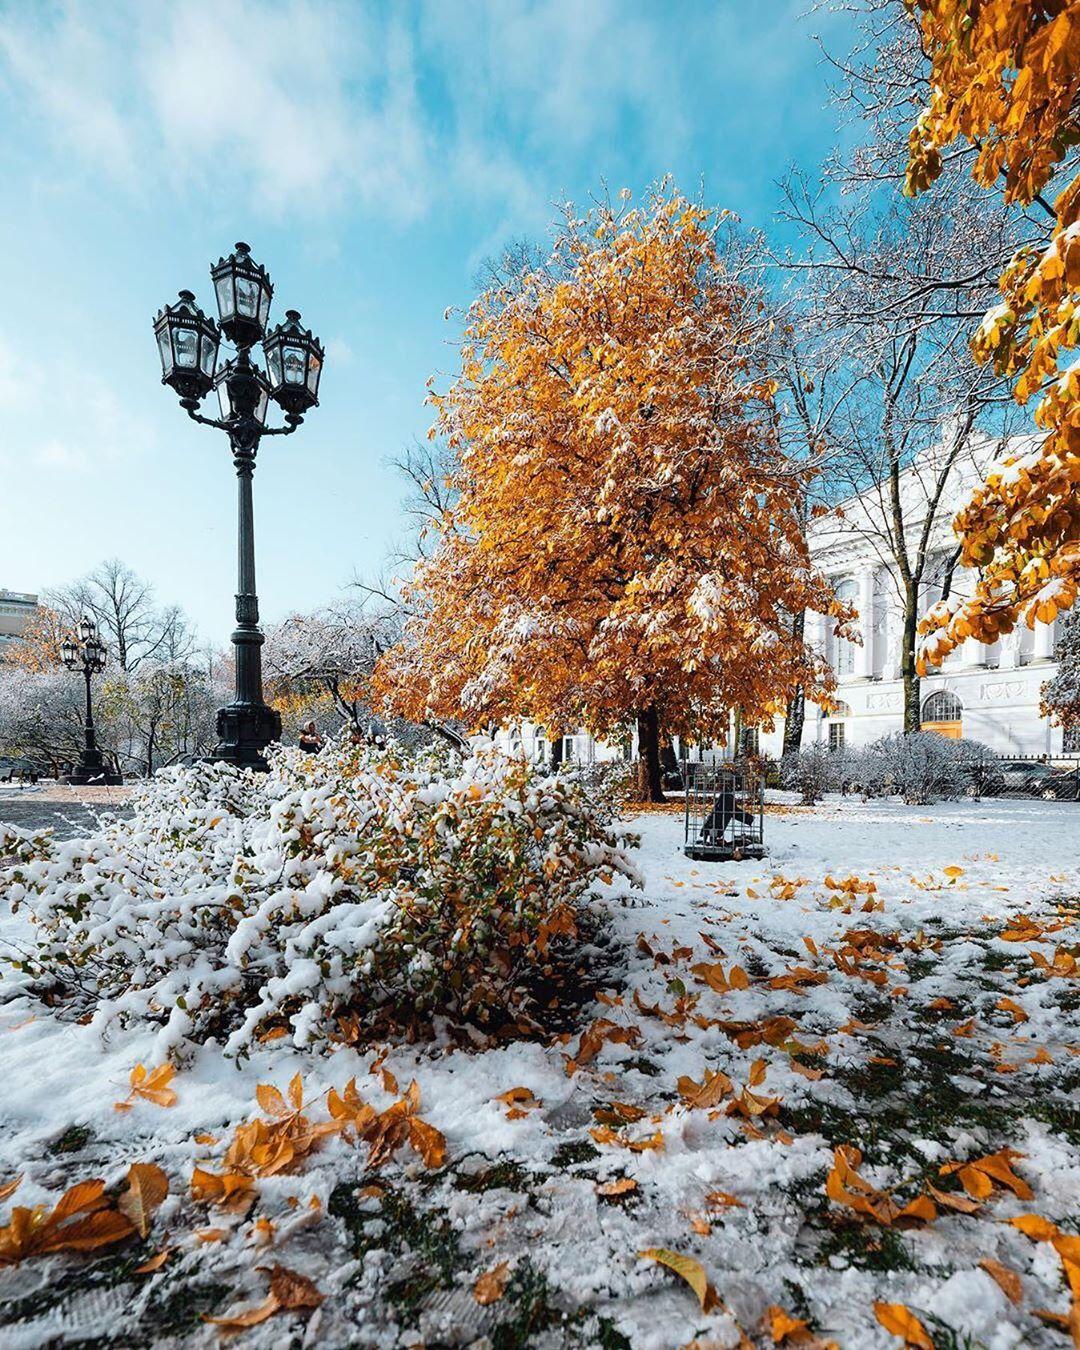 Аномальная погода в Санкт-Петербурге: 10 необычных явлений